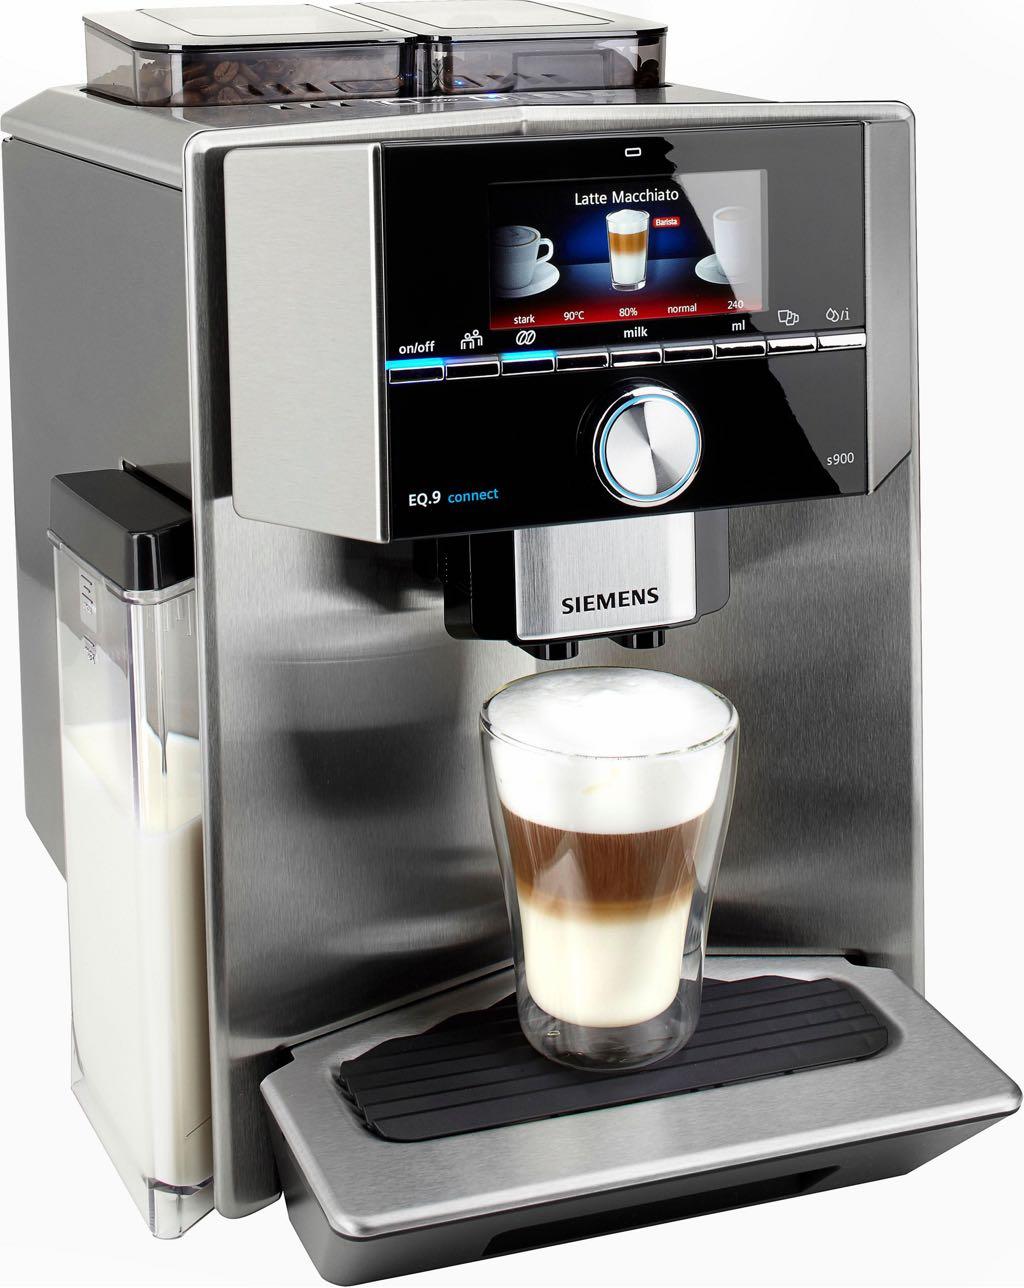 Rask Test af EQ.9 connect s900: Dyr men fantastisk espressomaskine NA-11